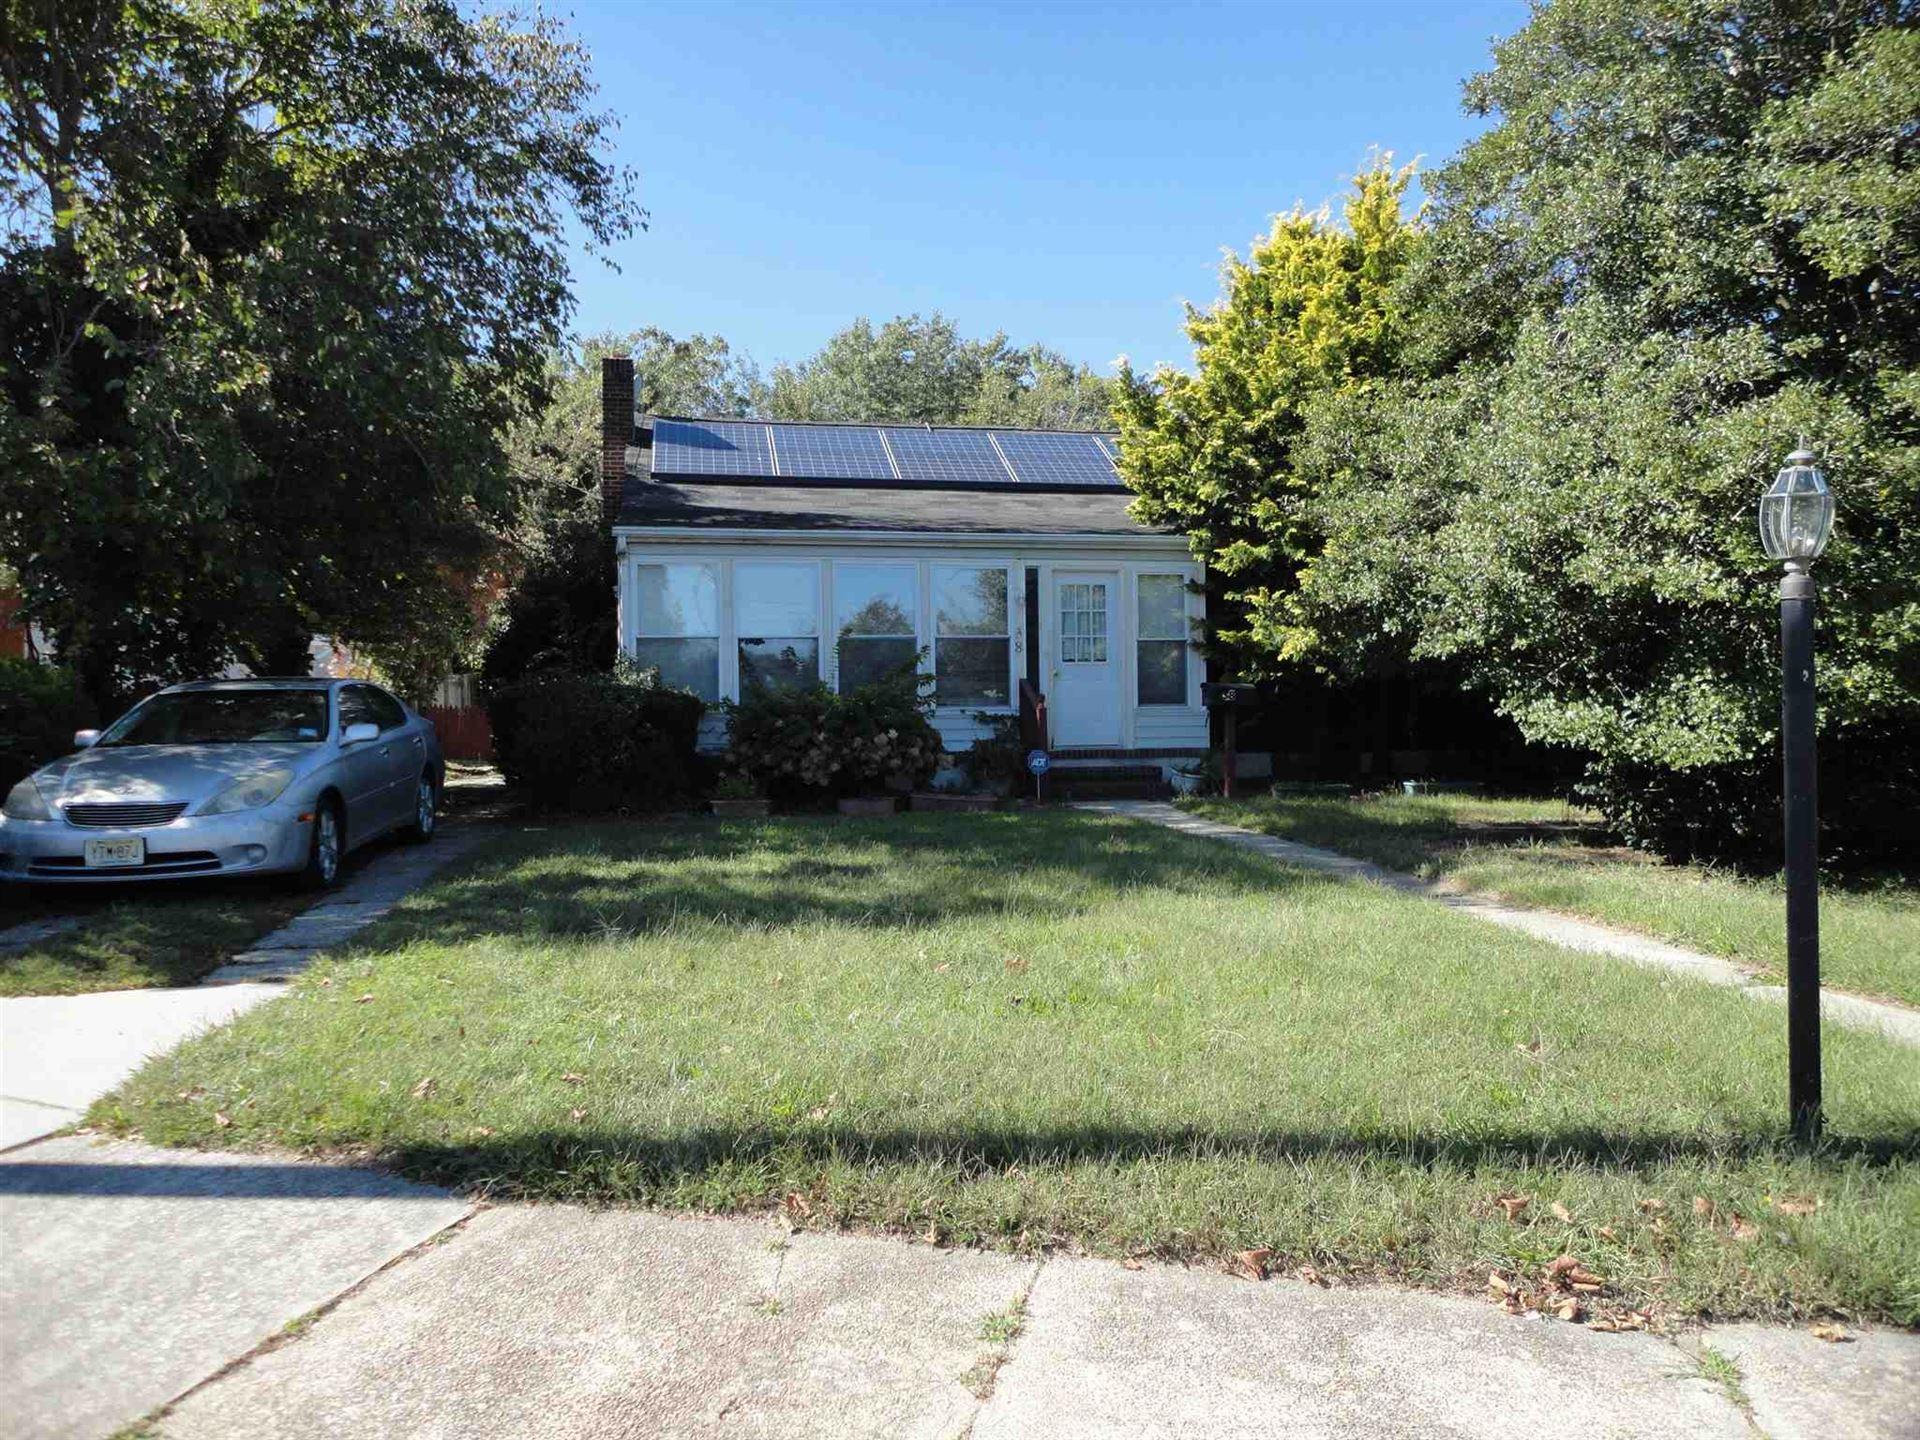 38 Montclair Dr, Pleasantville, NJ 08232 - #: 556375